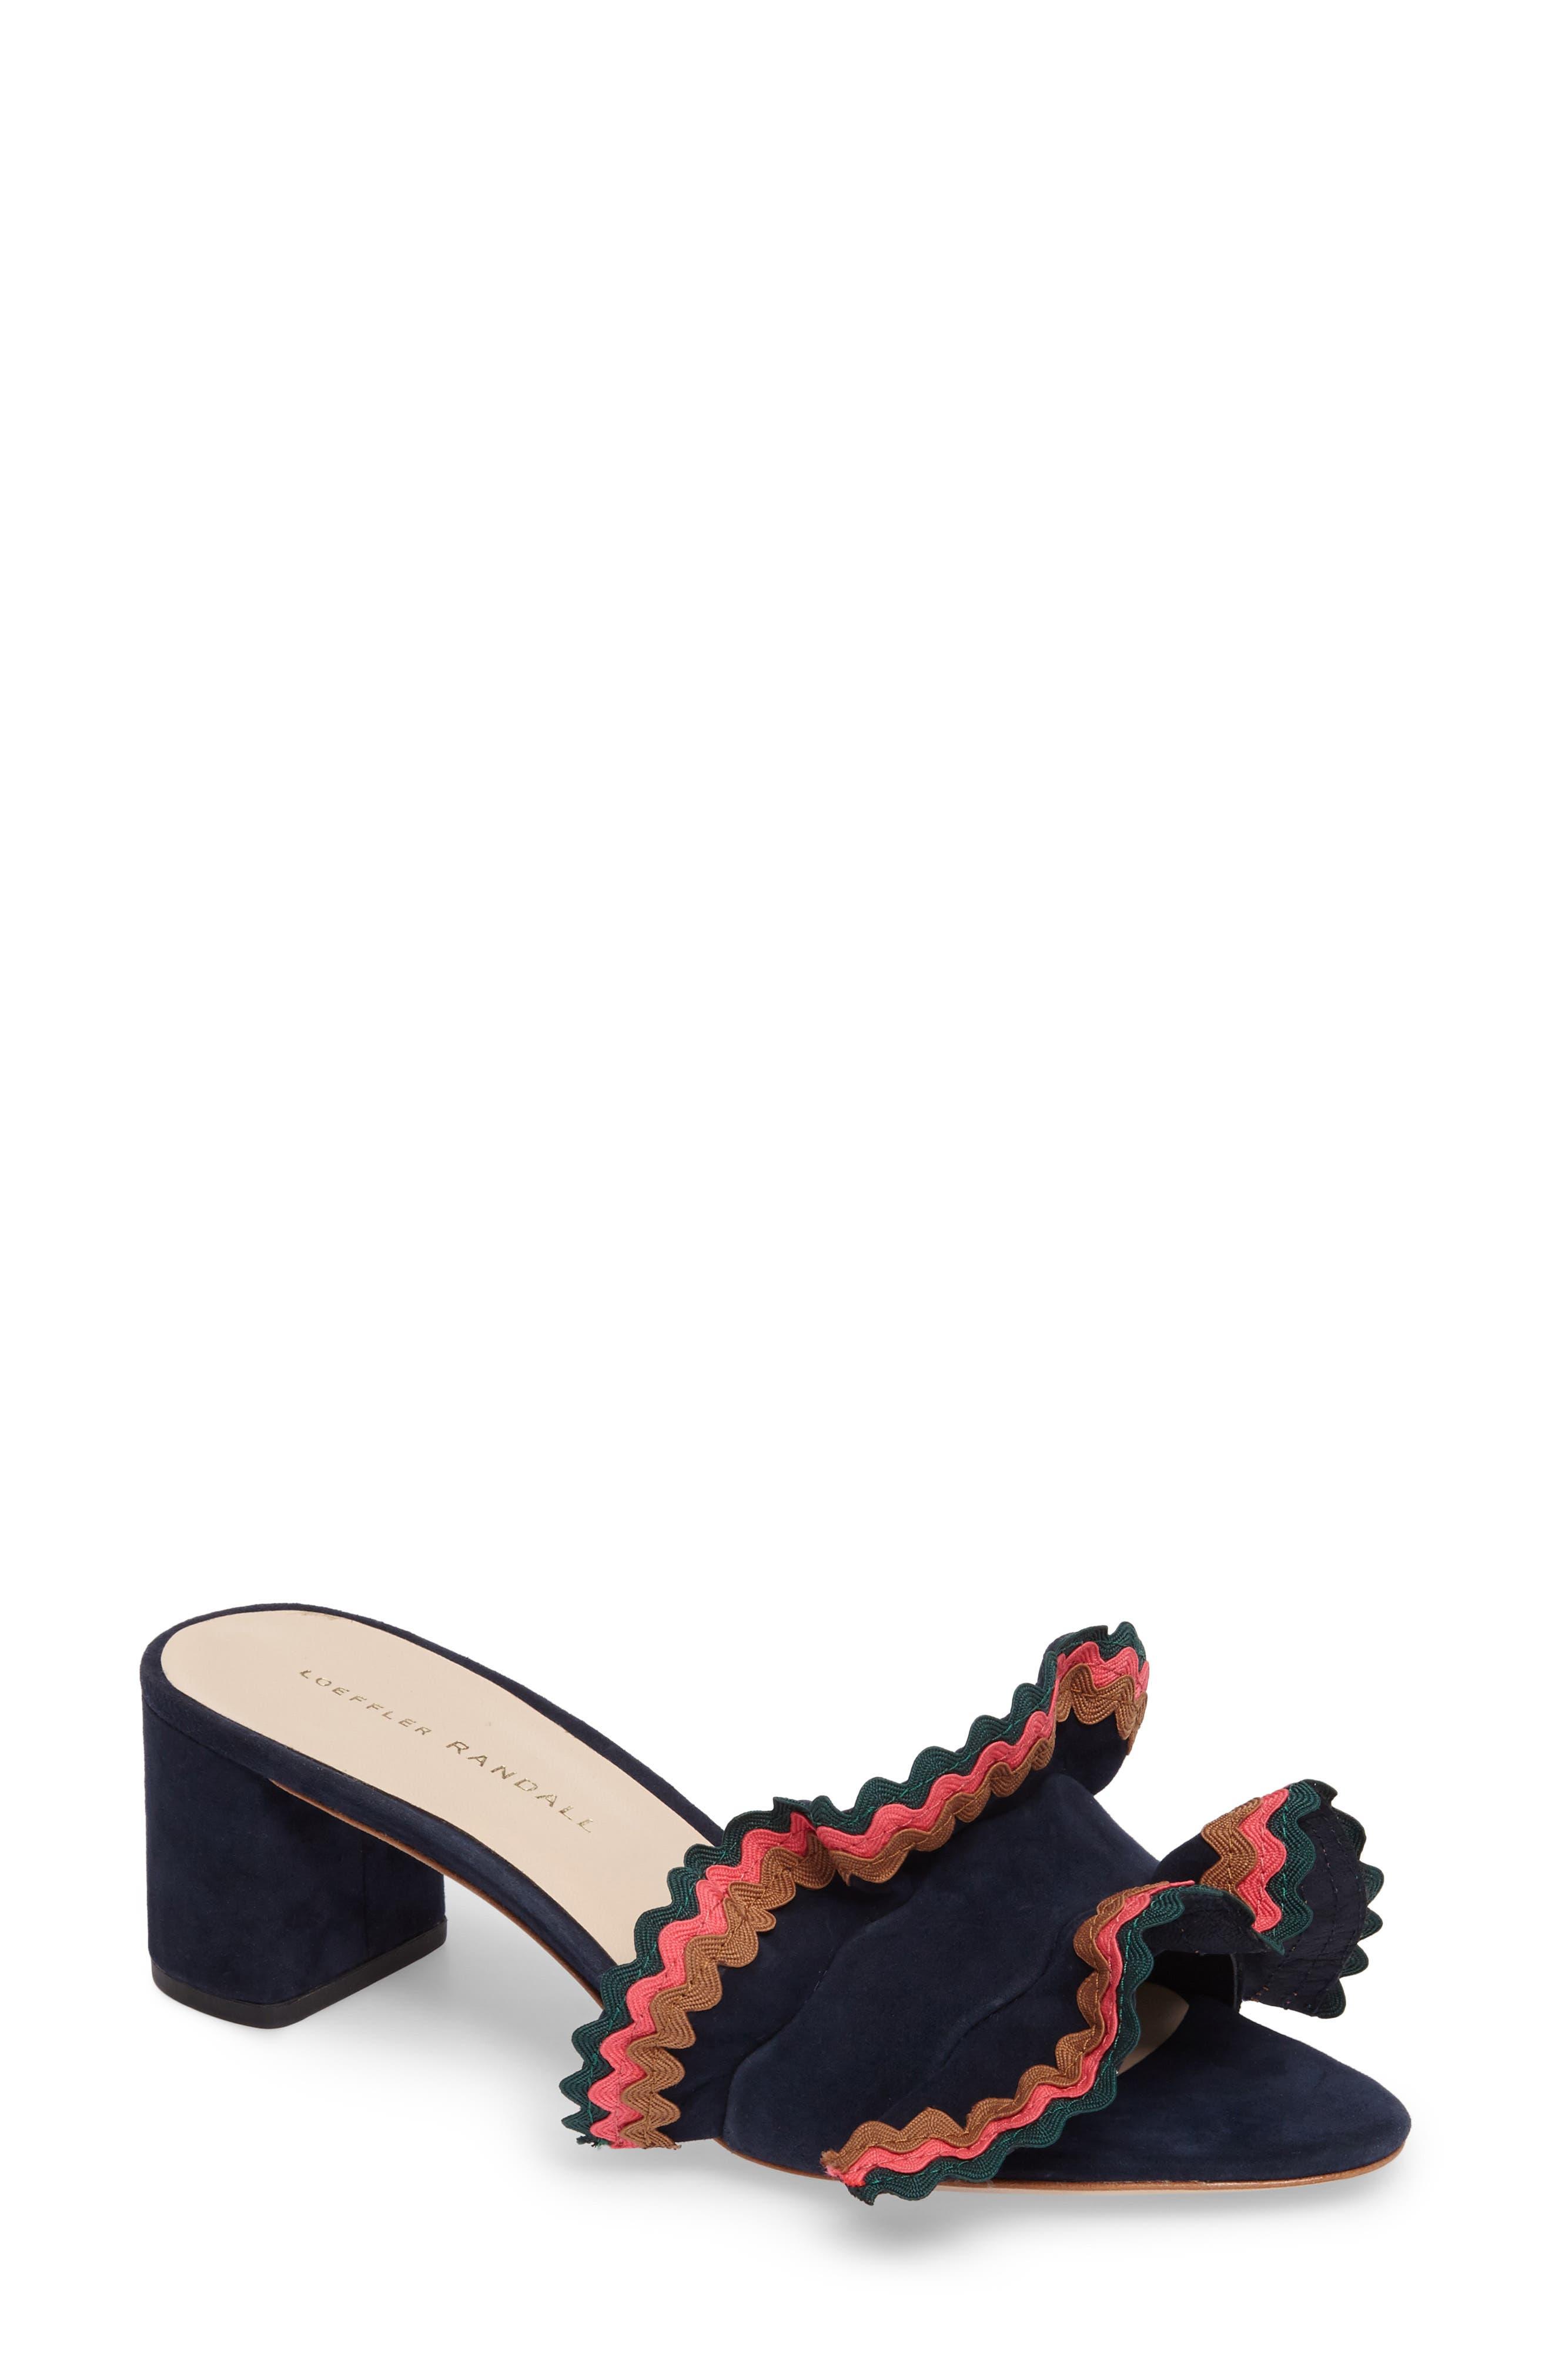 Main Image - Loeffler Randall Vera Ruffled Slide Sandal (Women)